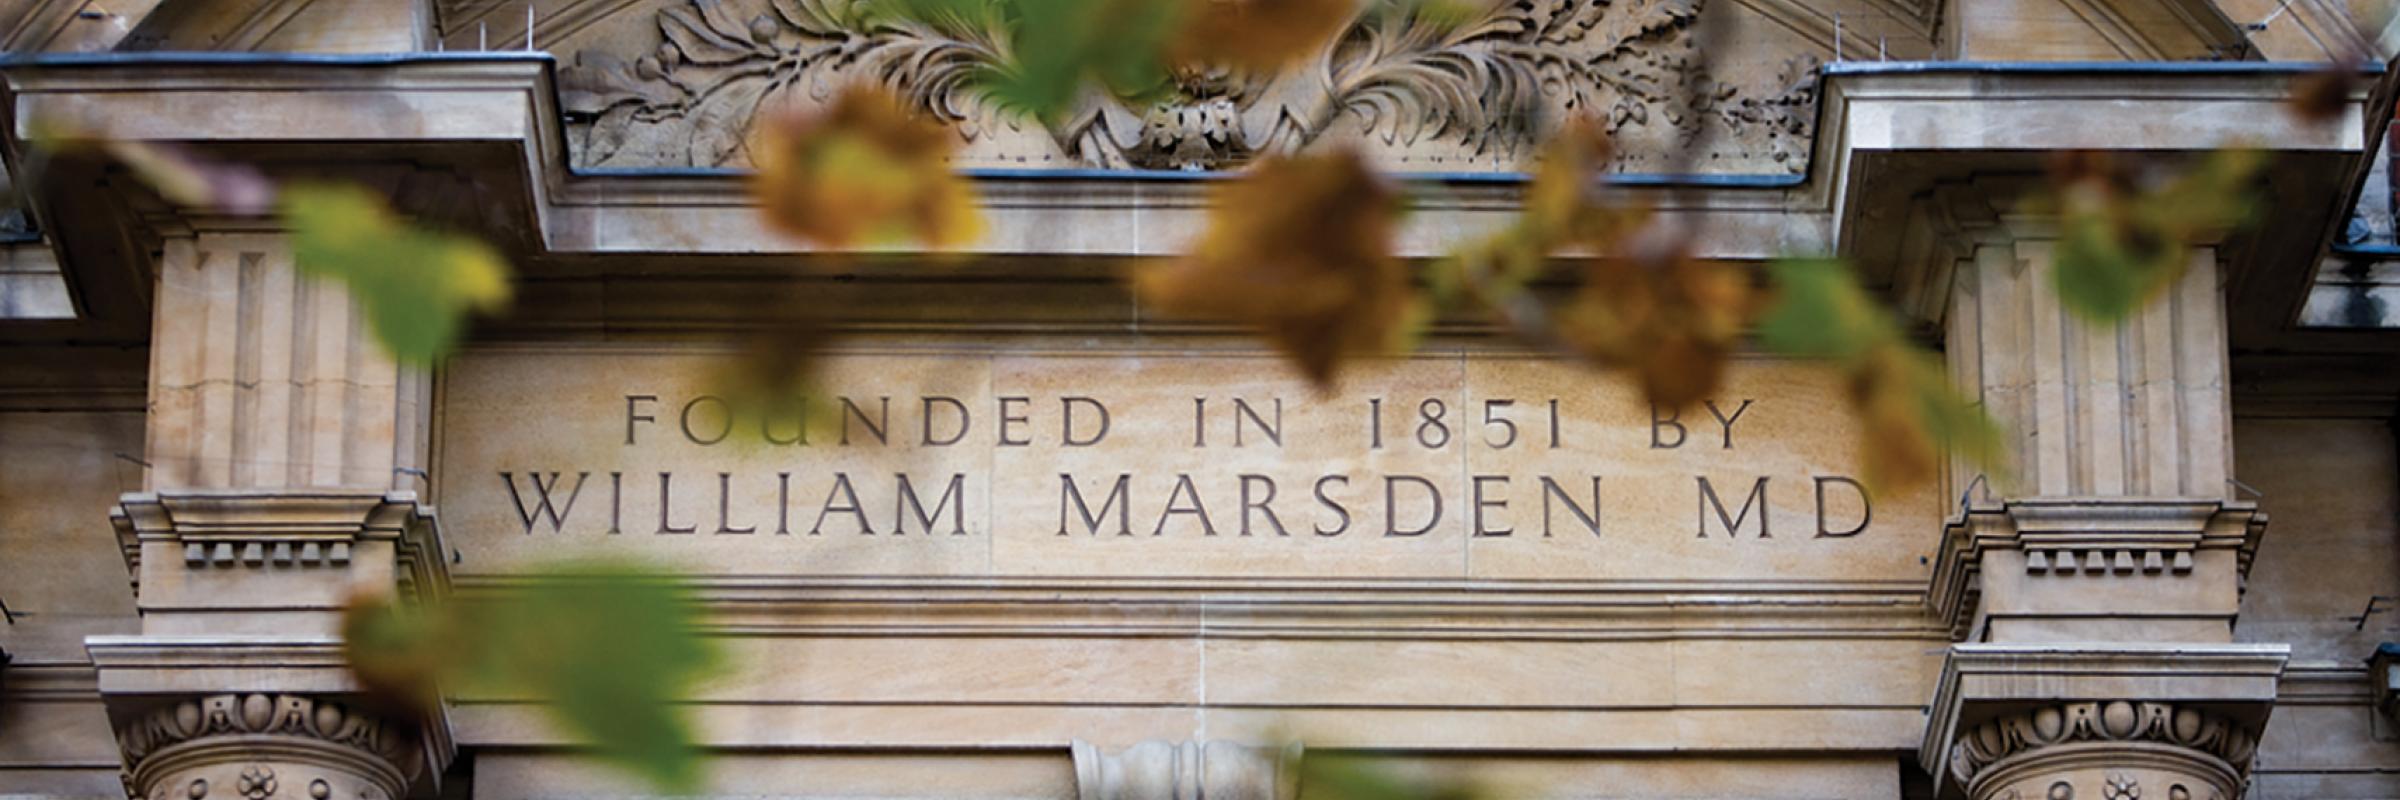 Royal Marsden